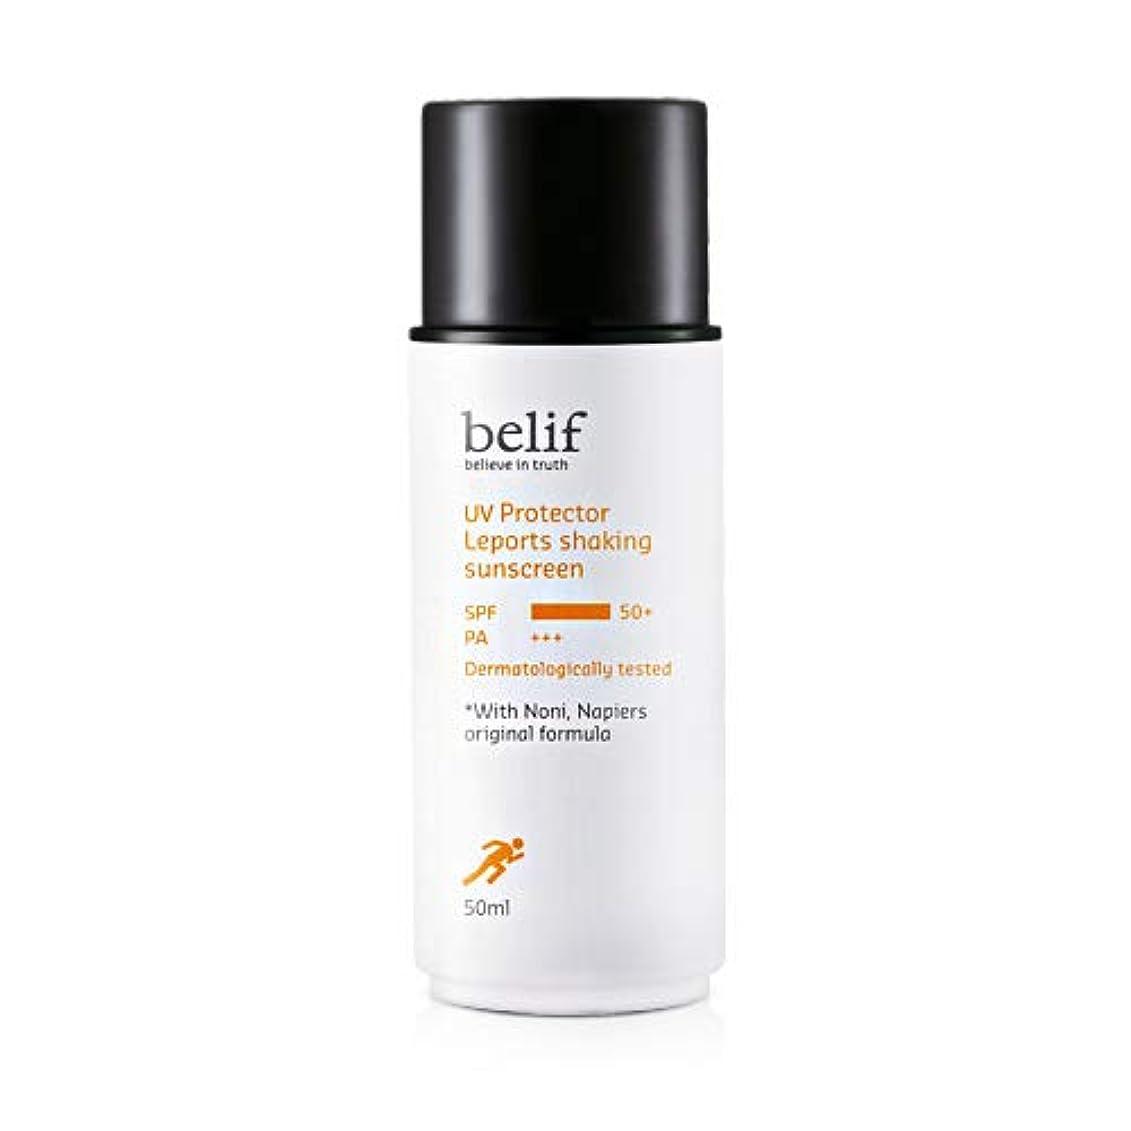 賢明な大胆不敵告発Belif(ビリーフ) UV Protector Leports shaking sunscreen サンスクリーン (50ml) SPF50+/PA+++